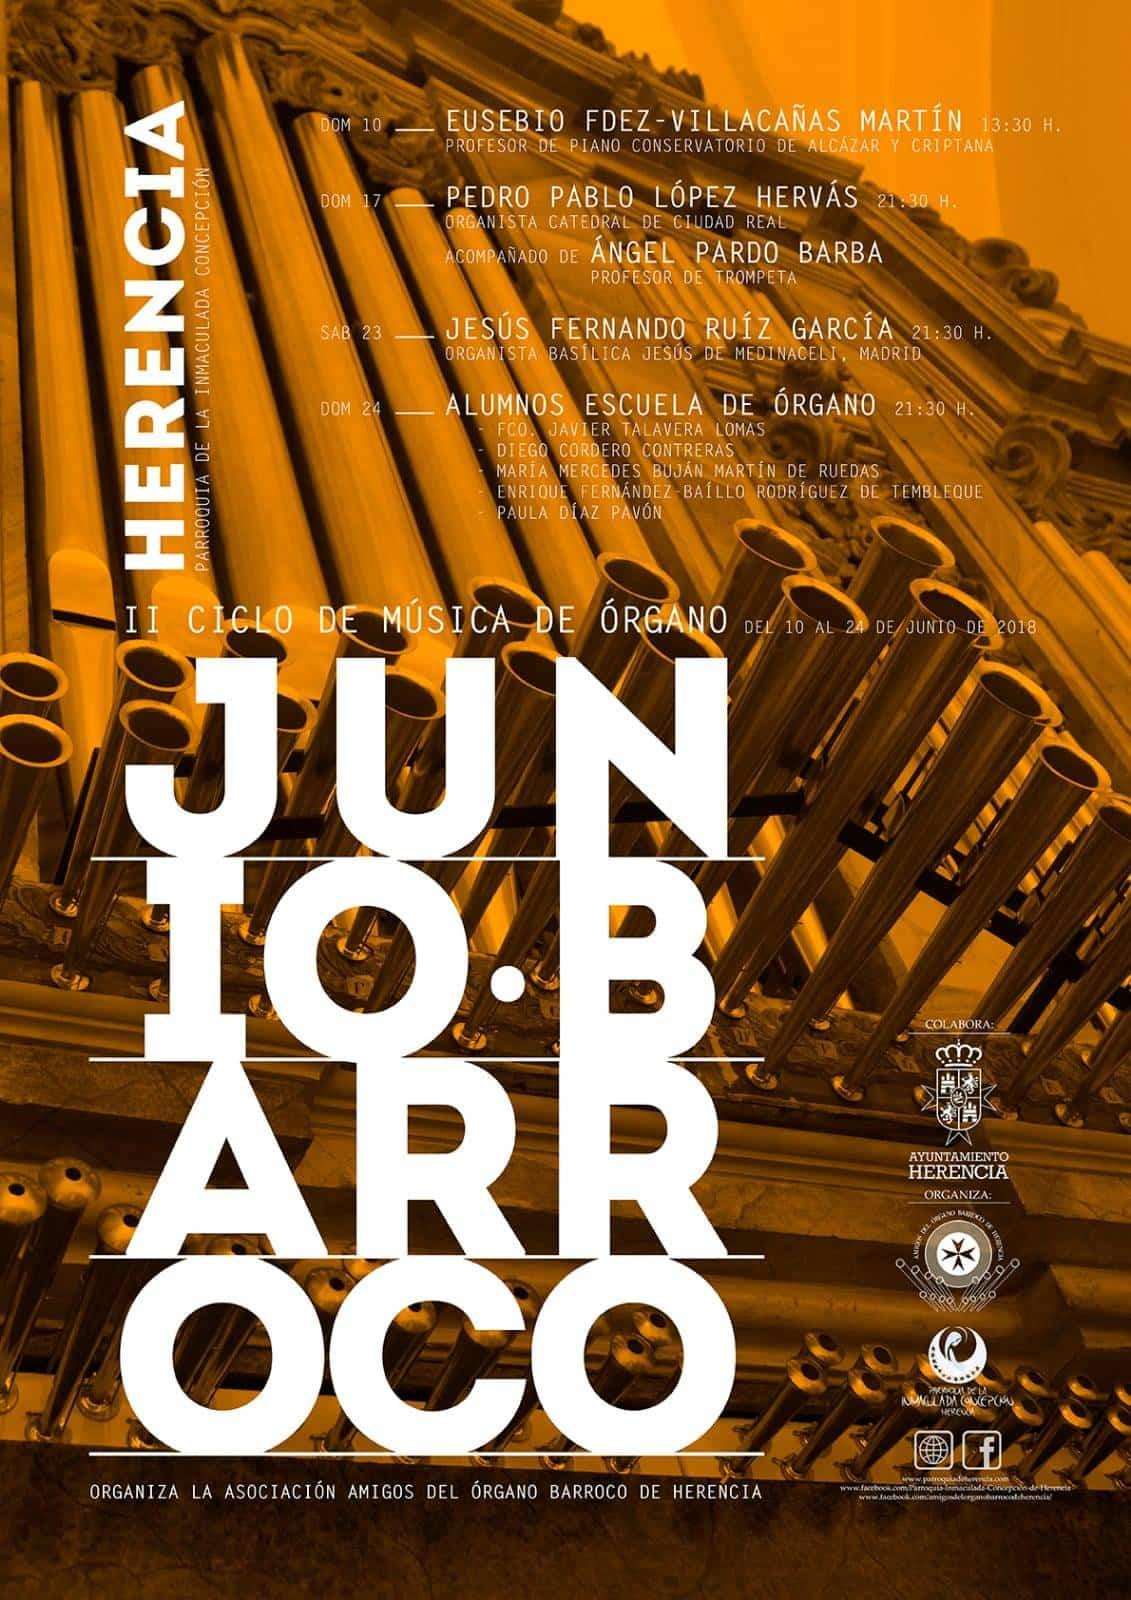 Junio Barroco 2018 organo barroco herencia - Herencia engalana sus calles para la festividad del Corpus Christi